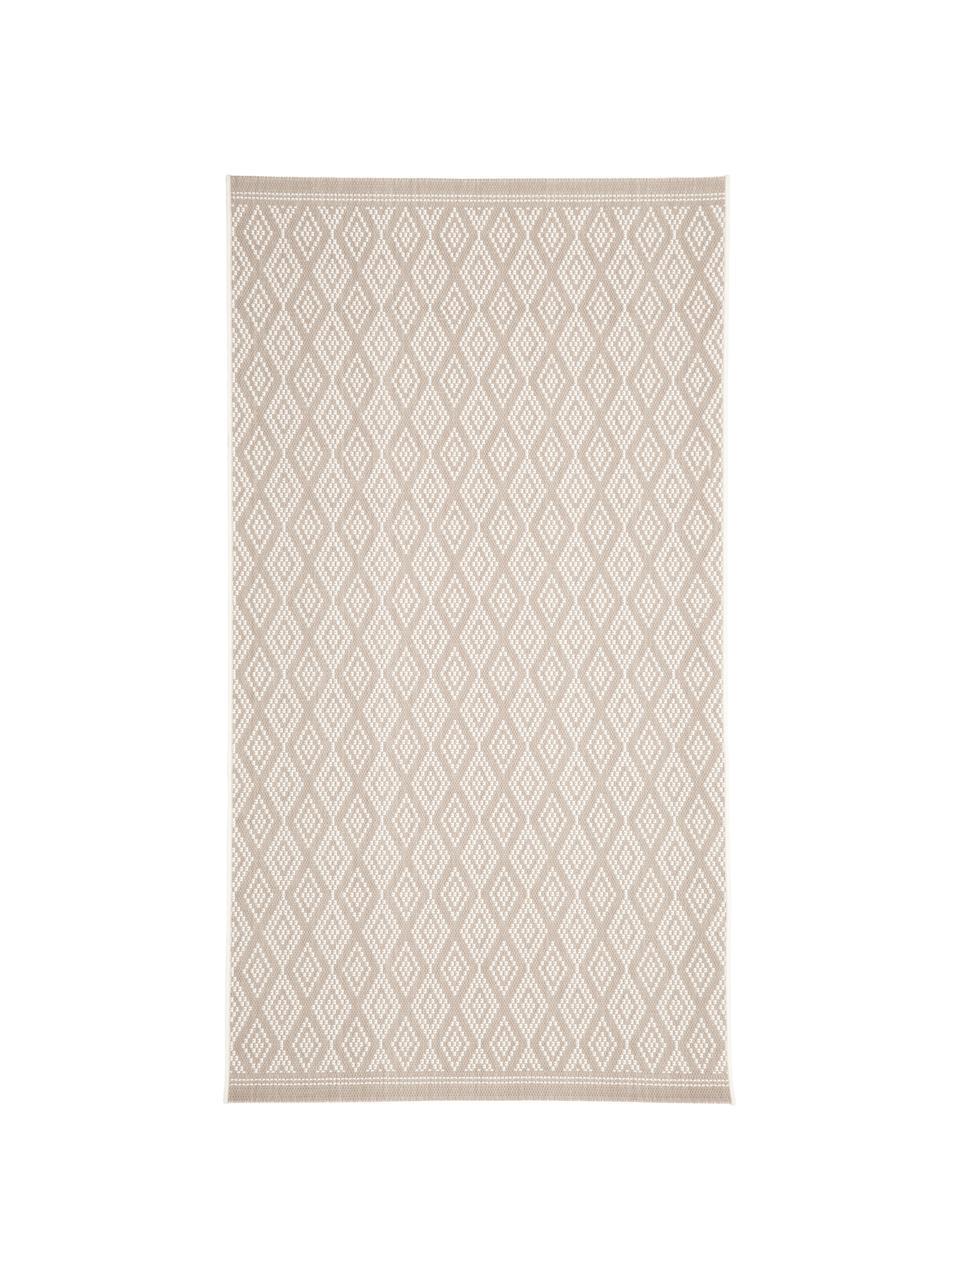 Tappeto beige/crema da interno-esterno Capri, 86% polipropilene, 14% poliestere, Bianco crema, beige, Larg. 200 x Lung. 290 cm (taglia L)